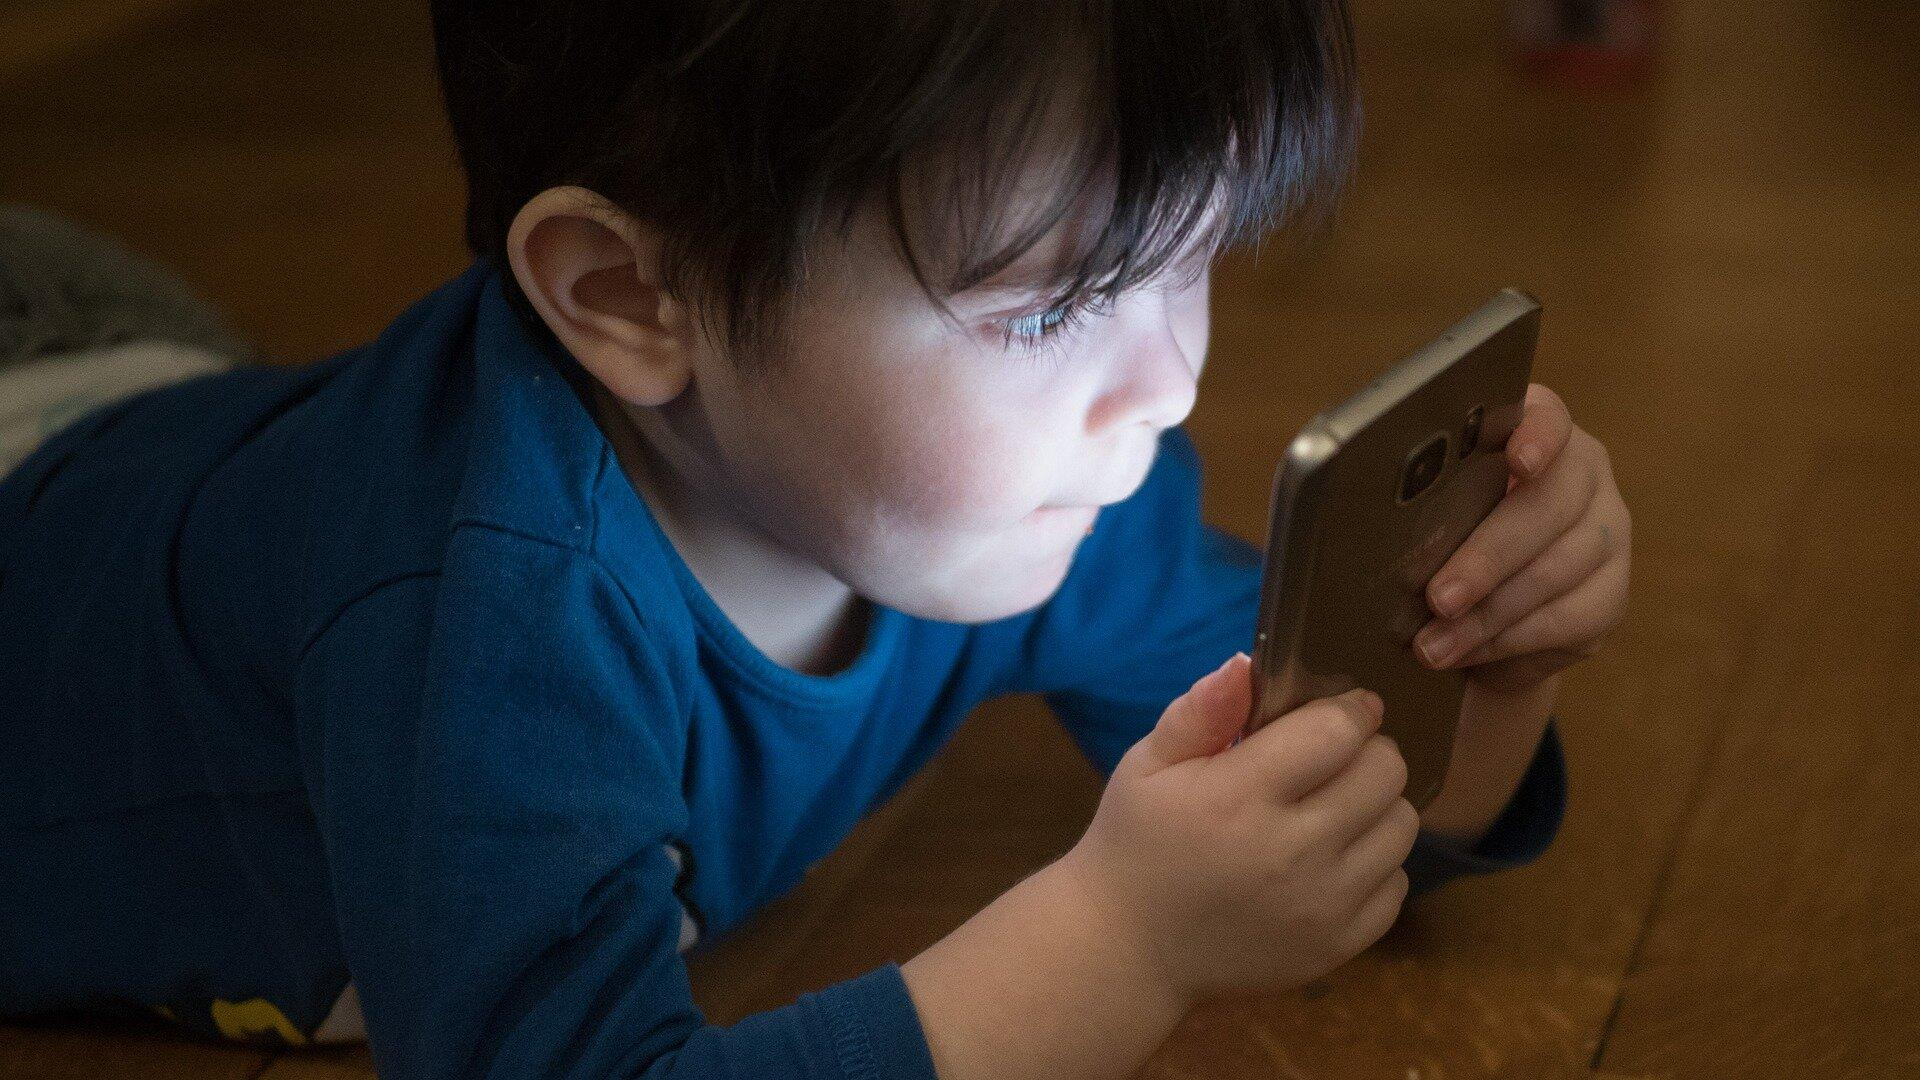 Рано начавшие пользоваться гаджетами дети показали низкий уровень самоконтроля